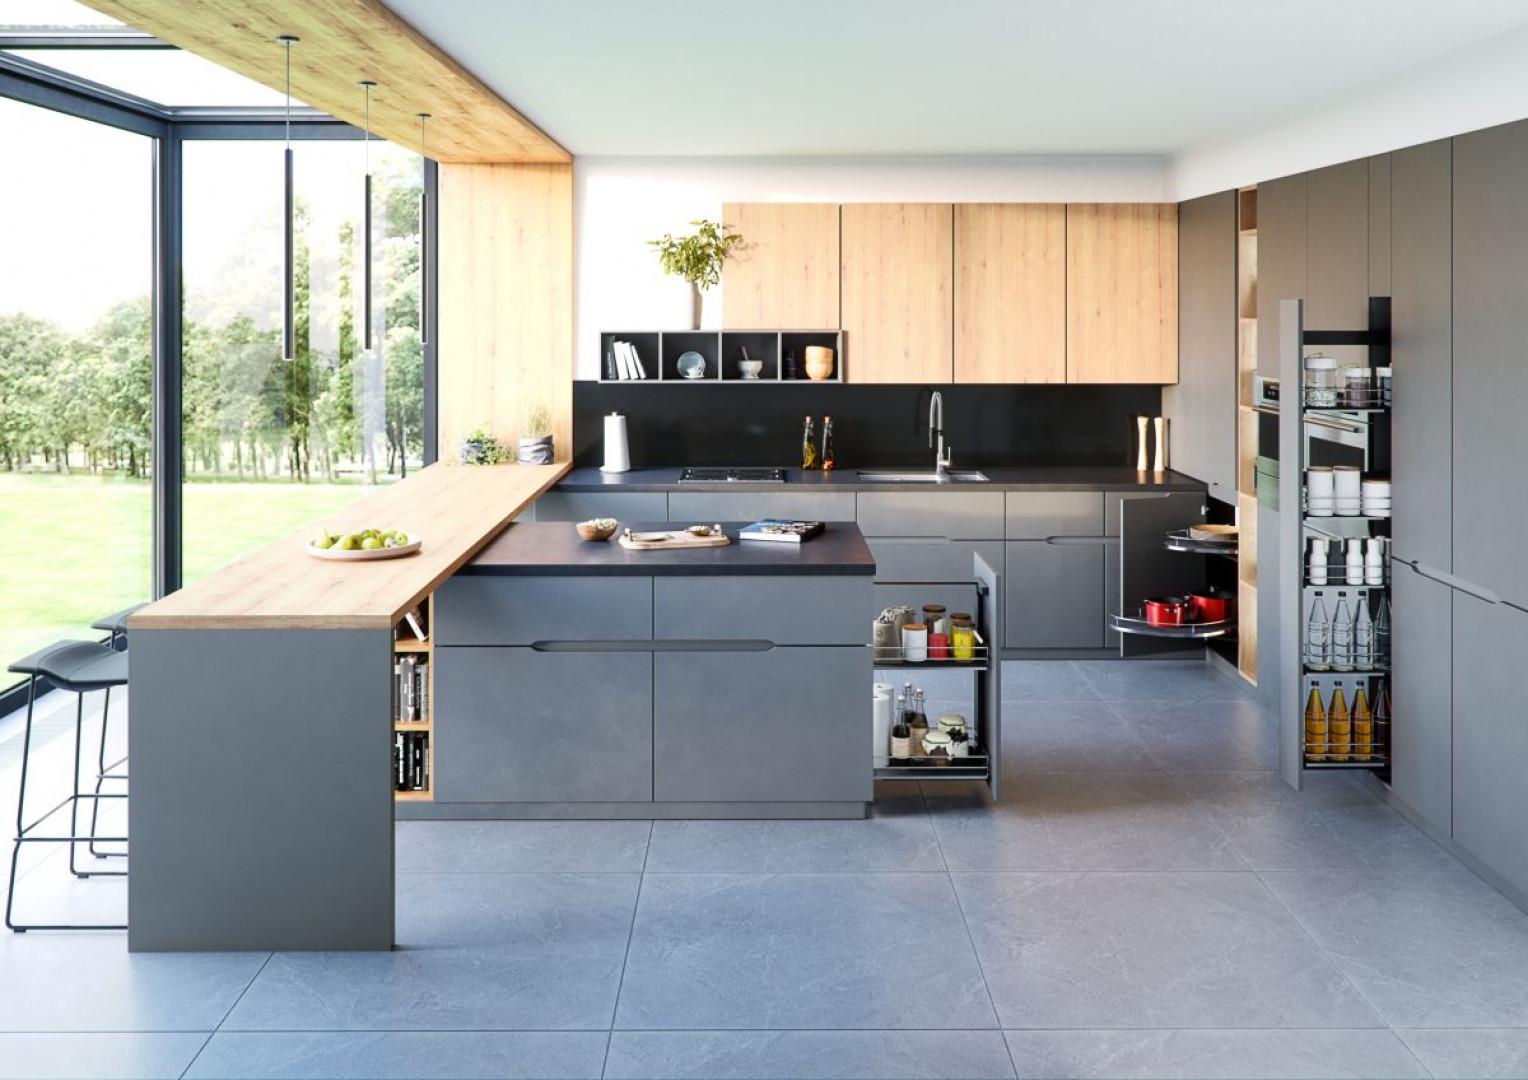 Nowoczesna kuchnia wymaga wielu praktycznych miejsc do przechowywania. Fot. Rejs